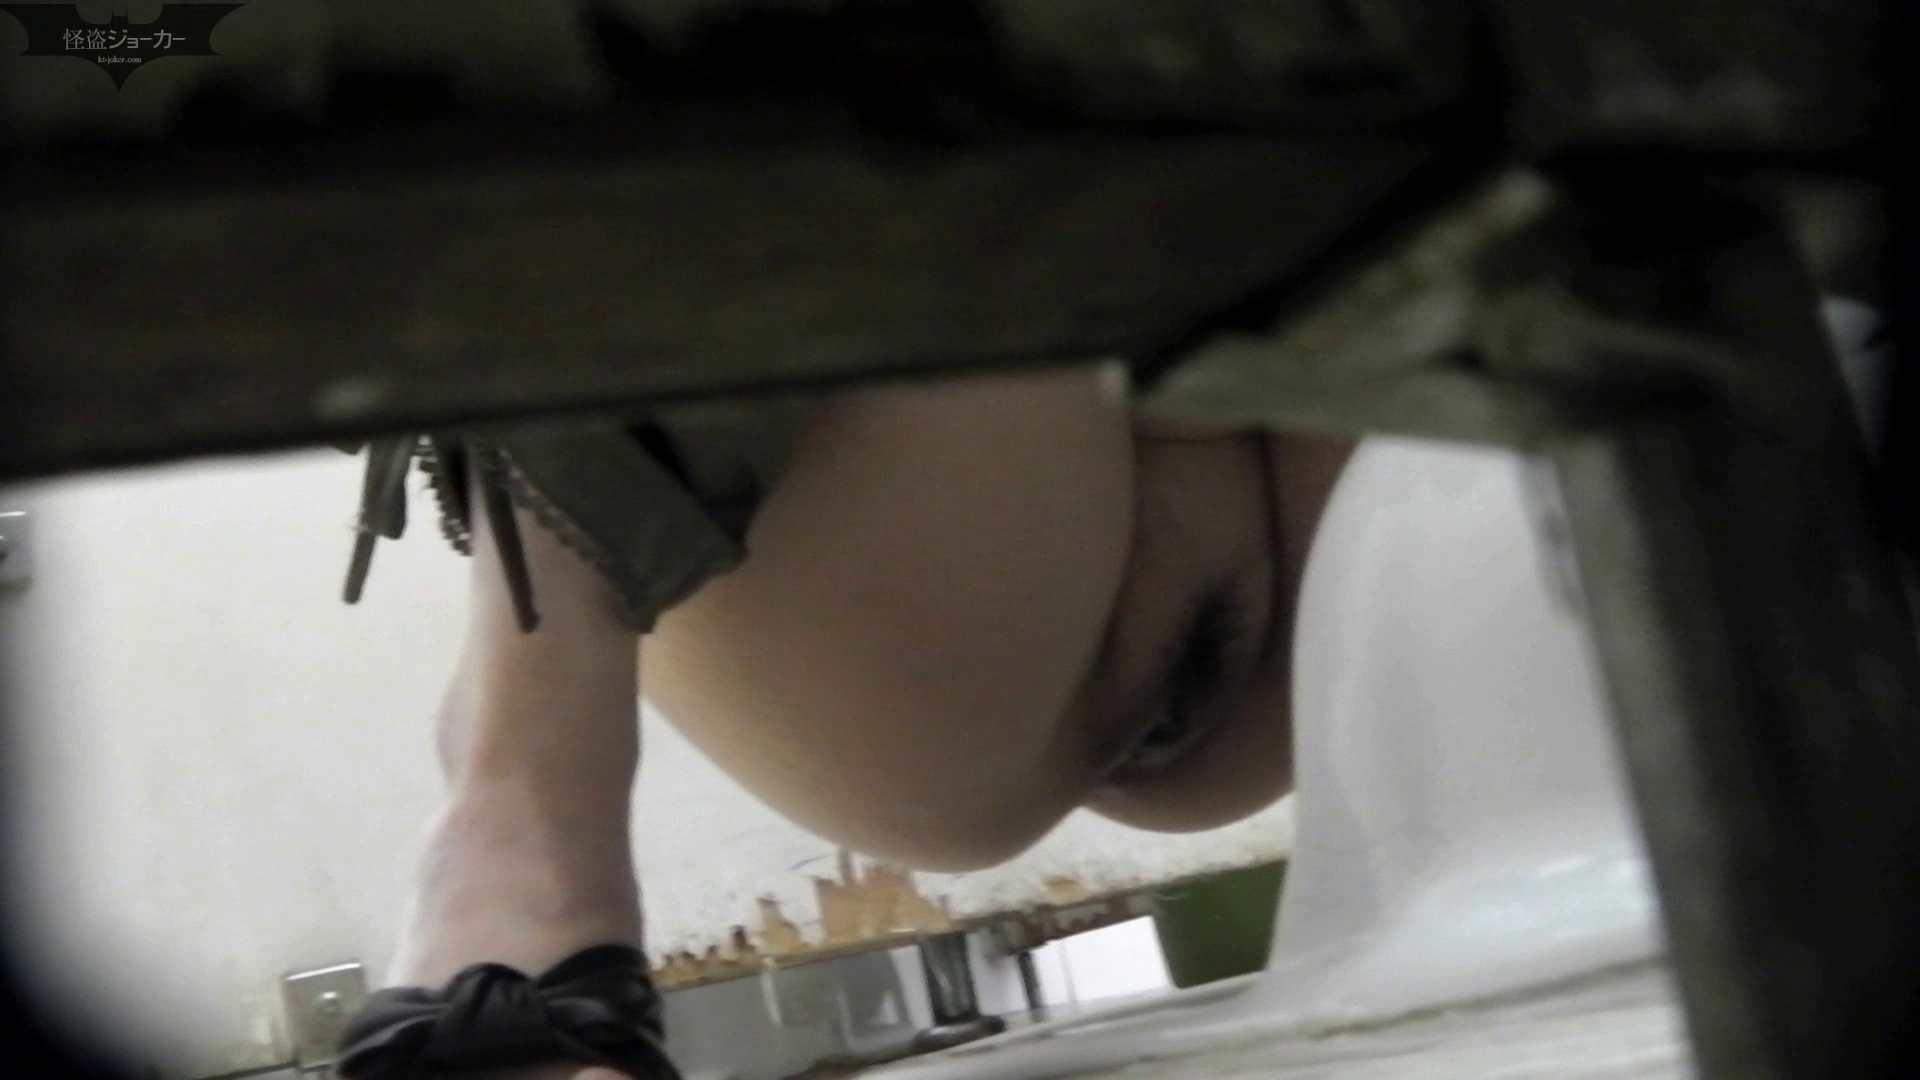 【美しき個室な世界】洗面所特攻隊 vol.046 更に進化【2015・07位】 盛合せ オマンコ動画キャプチャ 96枚 63